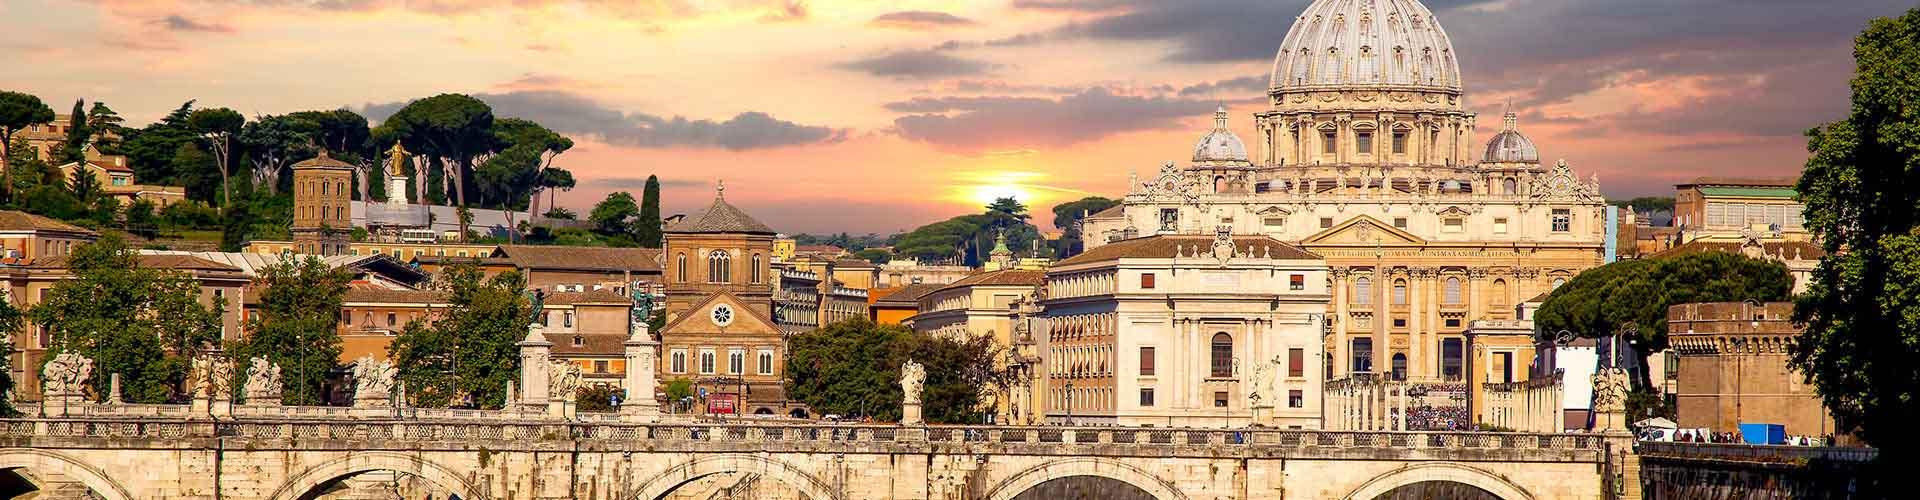 Řím - Hostelů v Řím. Mapy pro Řím, fotky a recenze pro každý hostel v Řím.